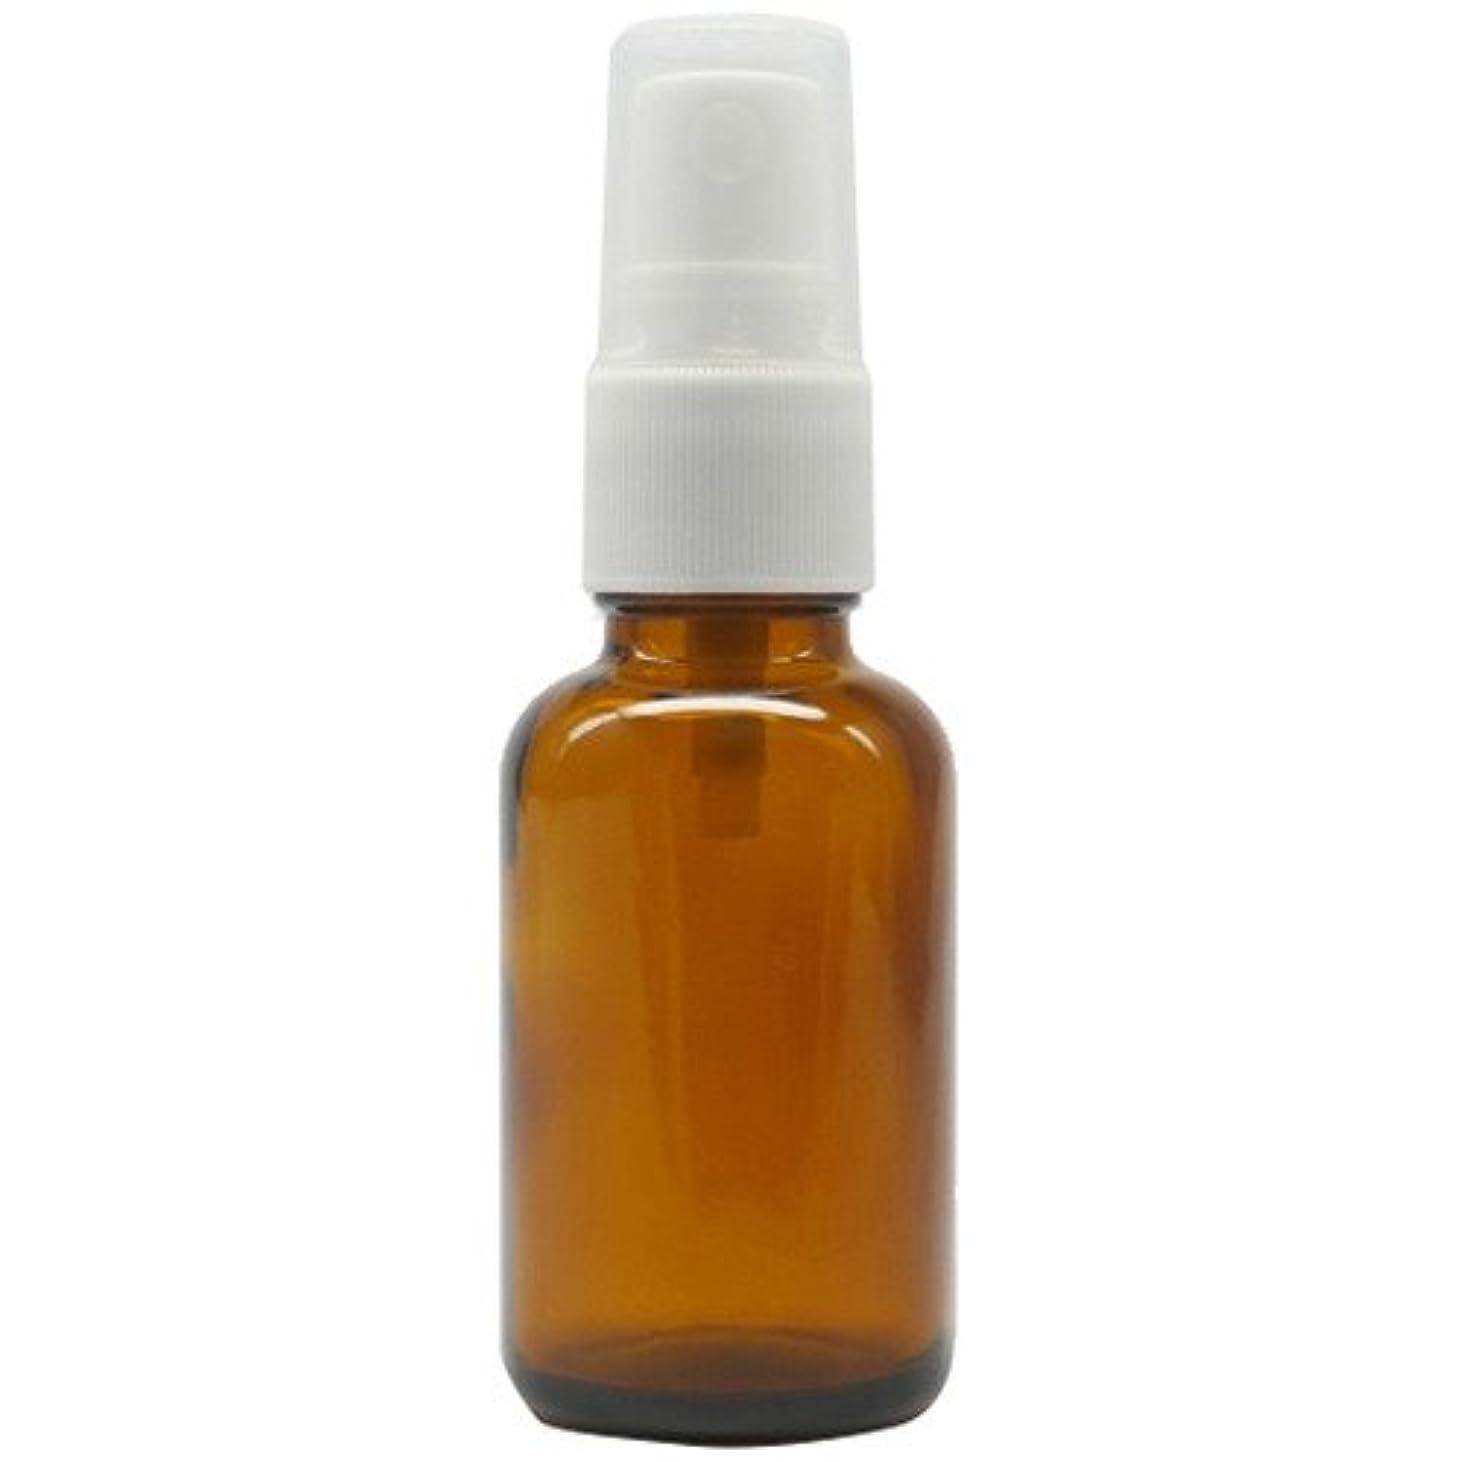 生むたとえ受粉するアロマアンドライフ (D)茶褐色スプレー瓶30ml 3本セット